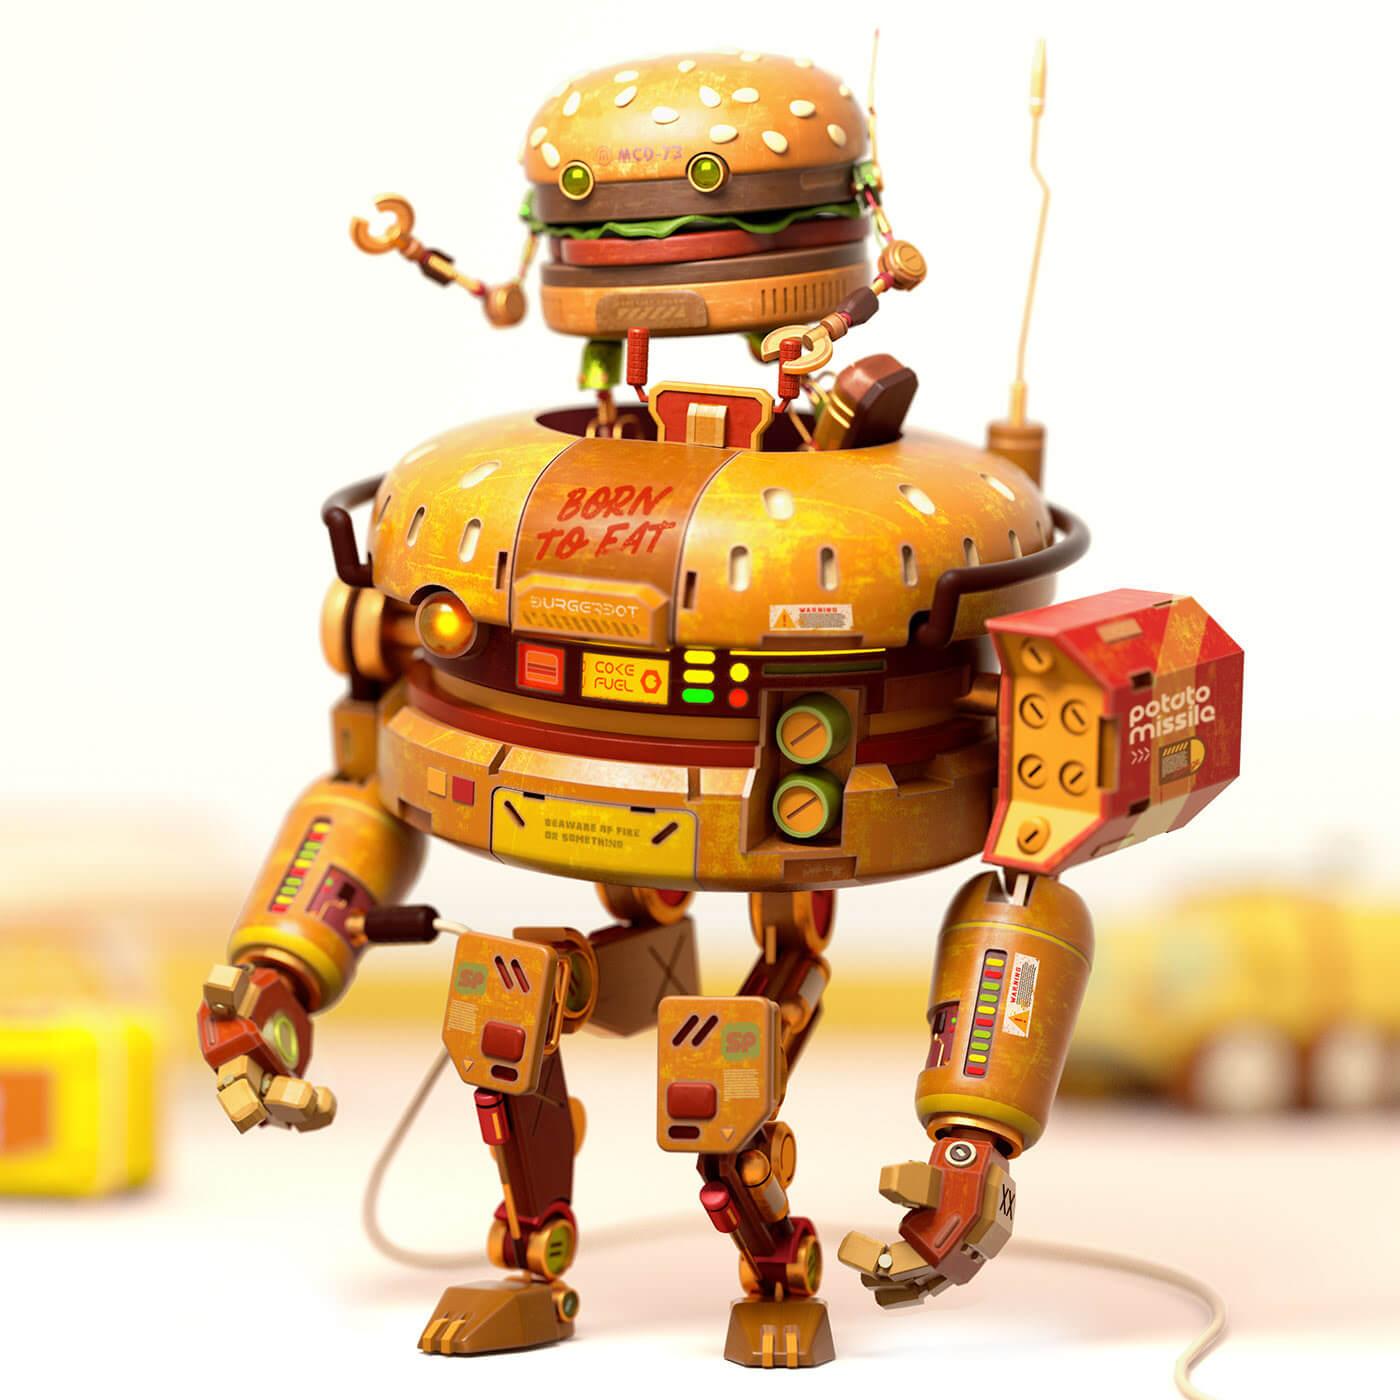 ROBOT BURGER TOYODA BORN TO FAT